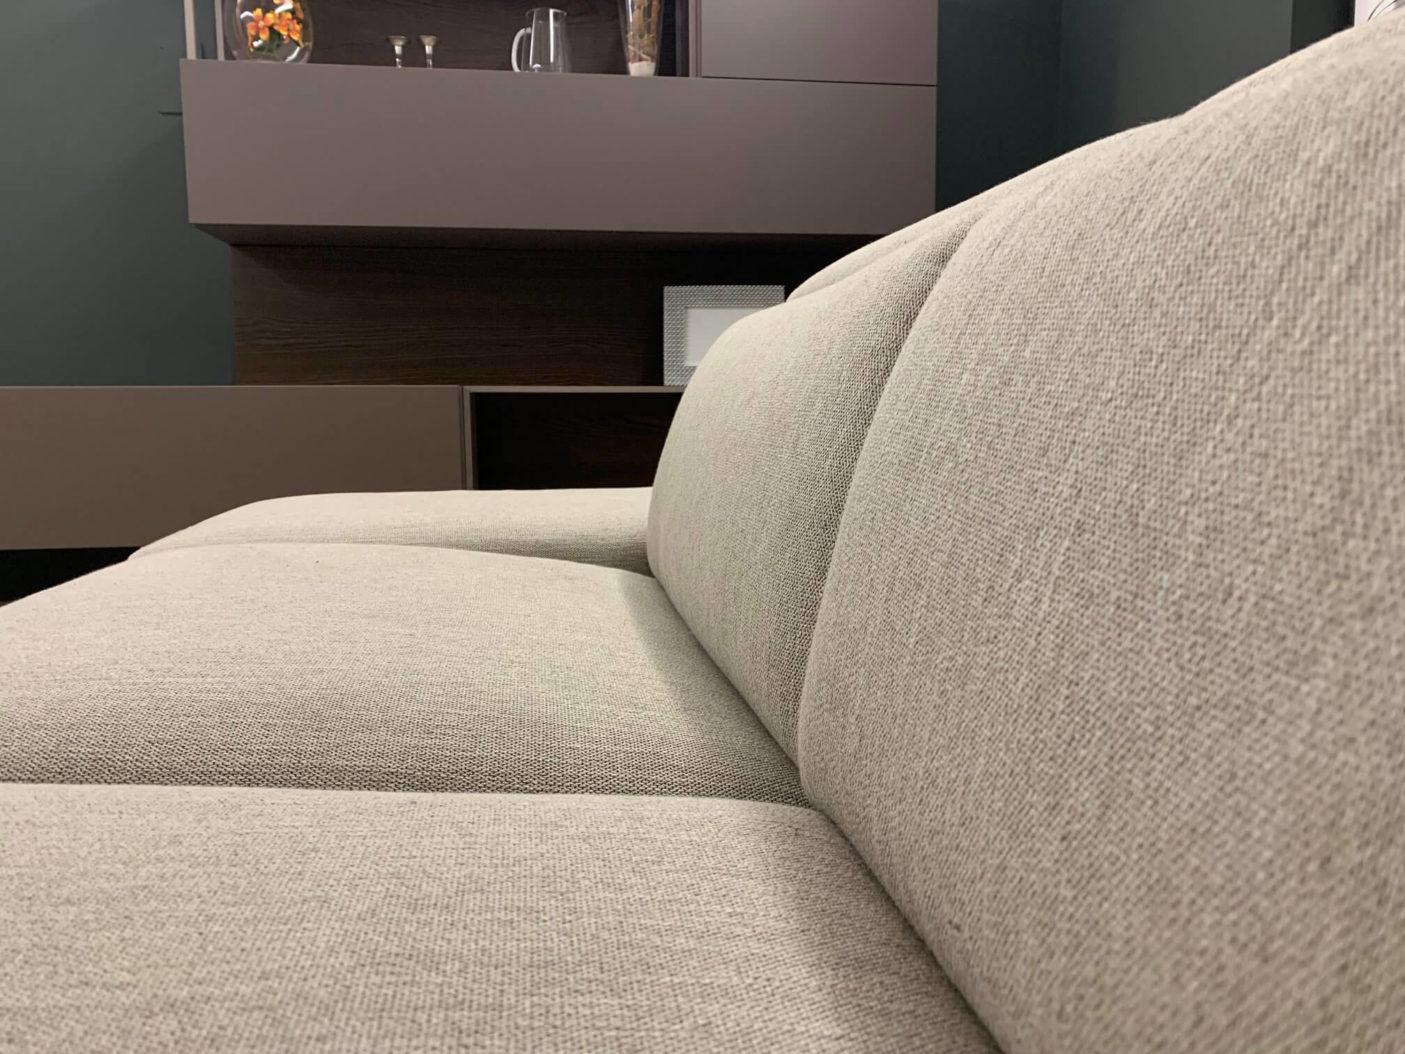 Progetto-di-Interior-Design-Orme-e-Egoitaliano2.jpg